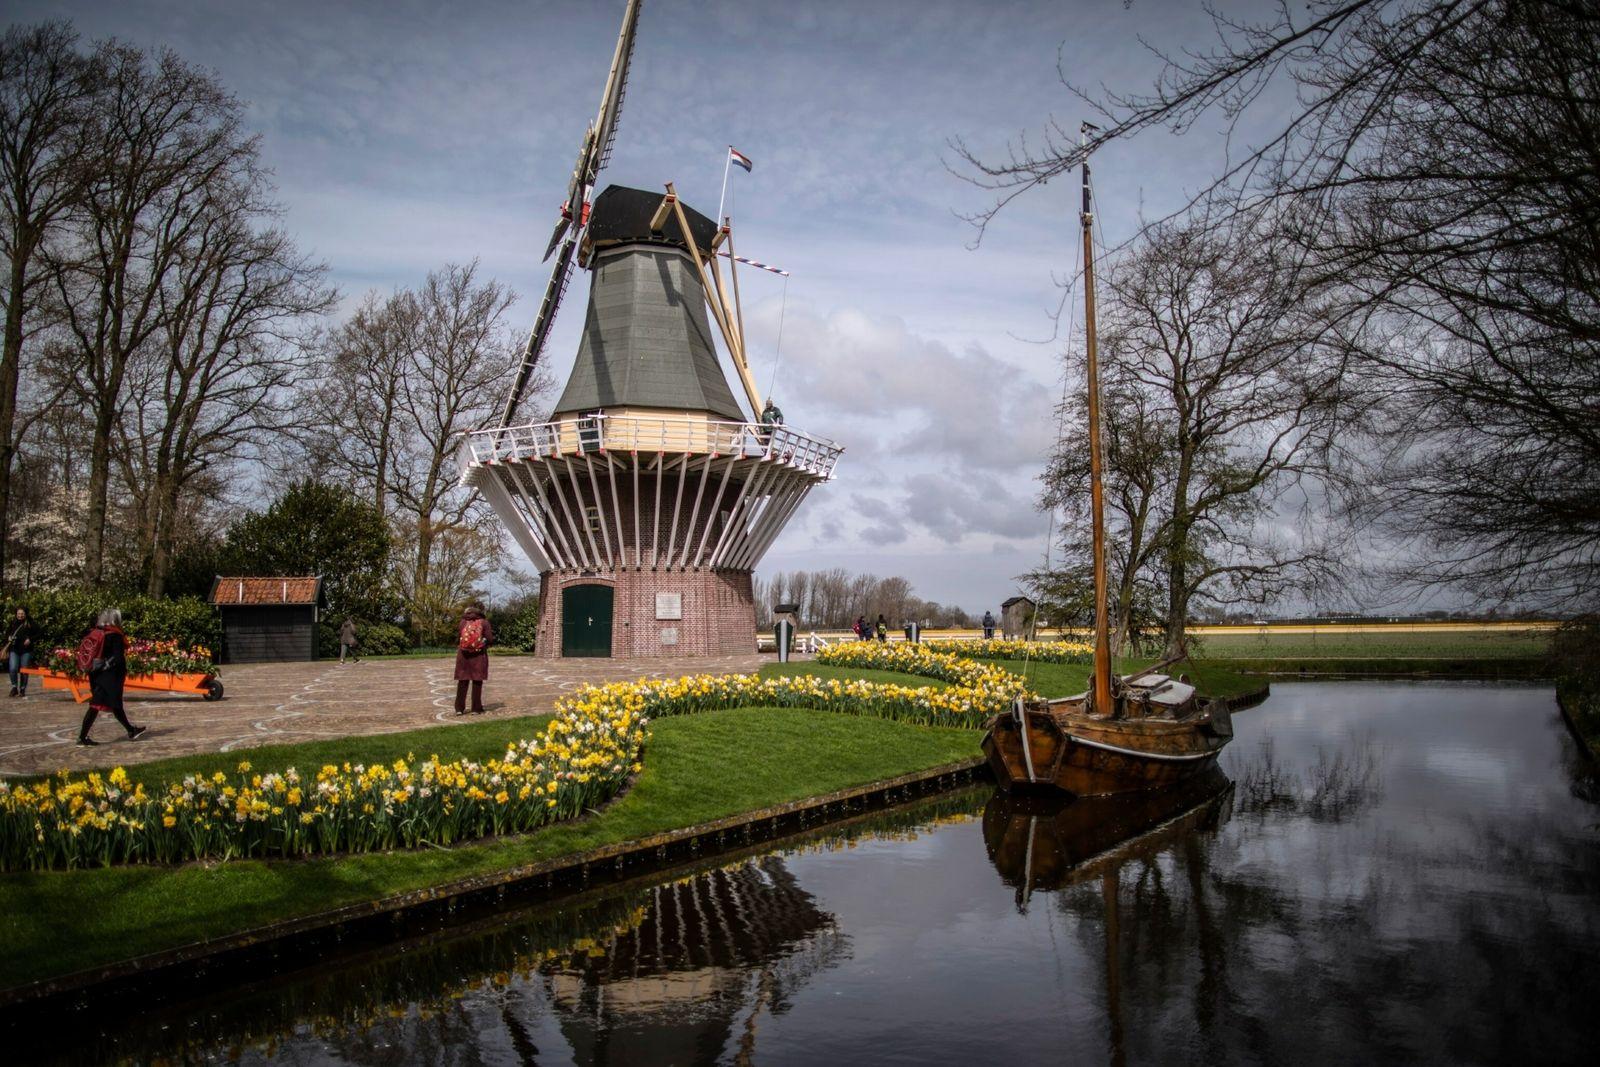 Visitantes passeiam pelo jardim Keukenhof de Lisse, que permitiu aos turistas visitação por meio de reserva ...